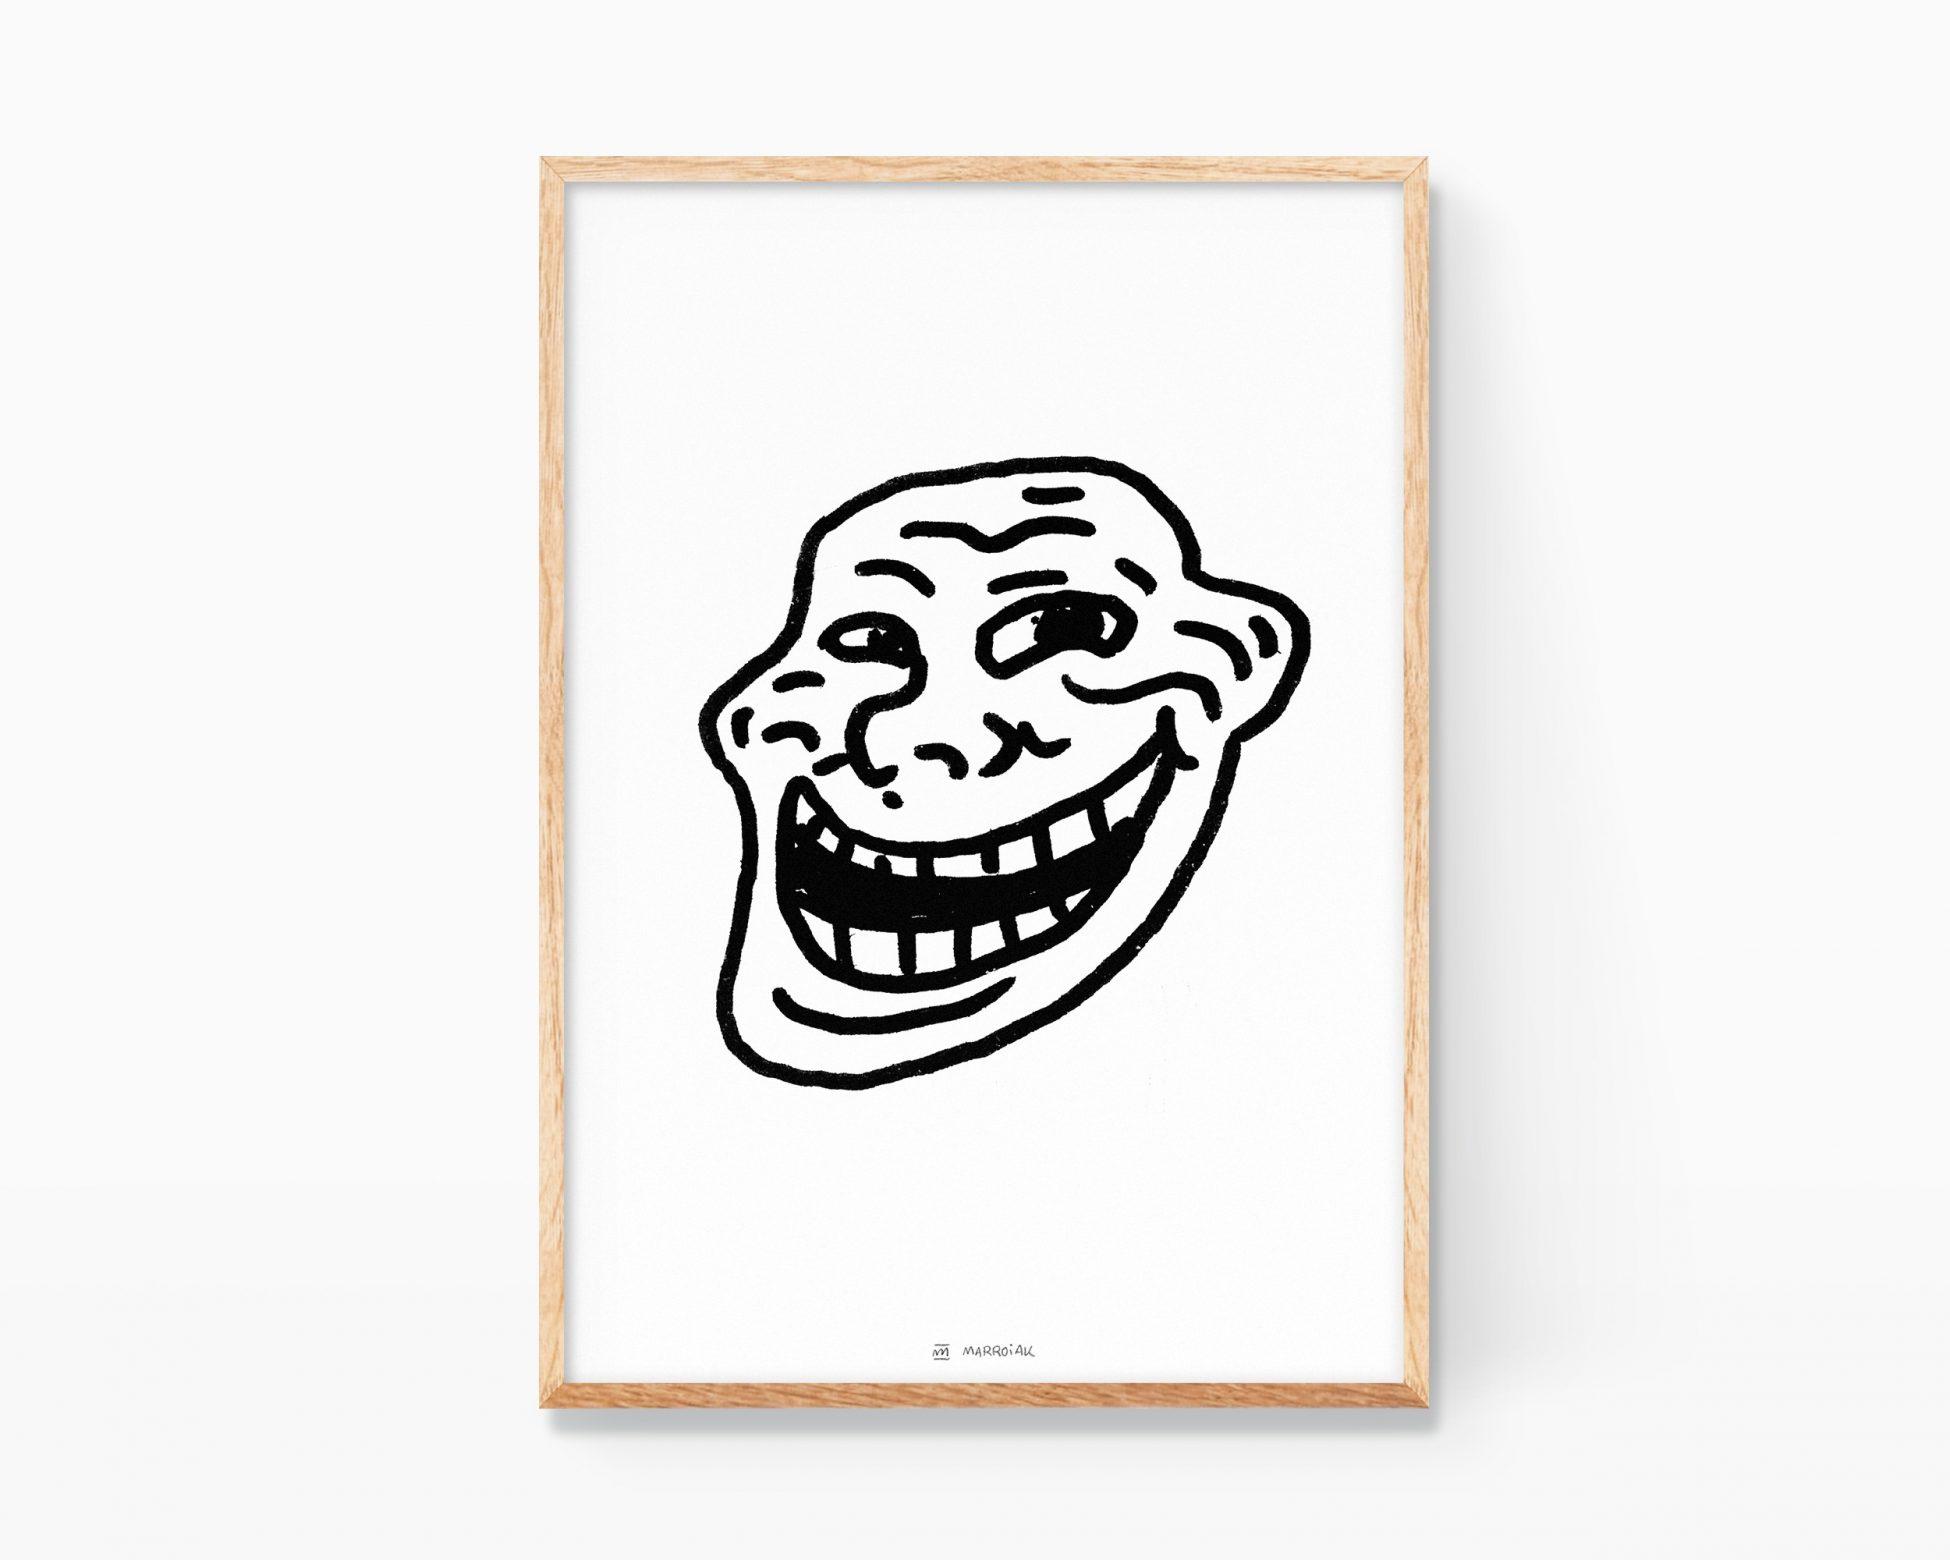 Lámina para enmarcar con una ilustración del meme de internet trollface. Dibujo en blanco y negro divertido